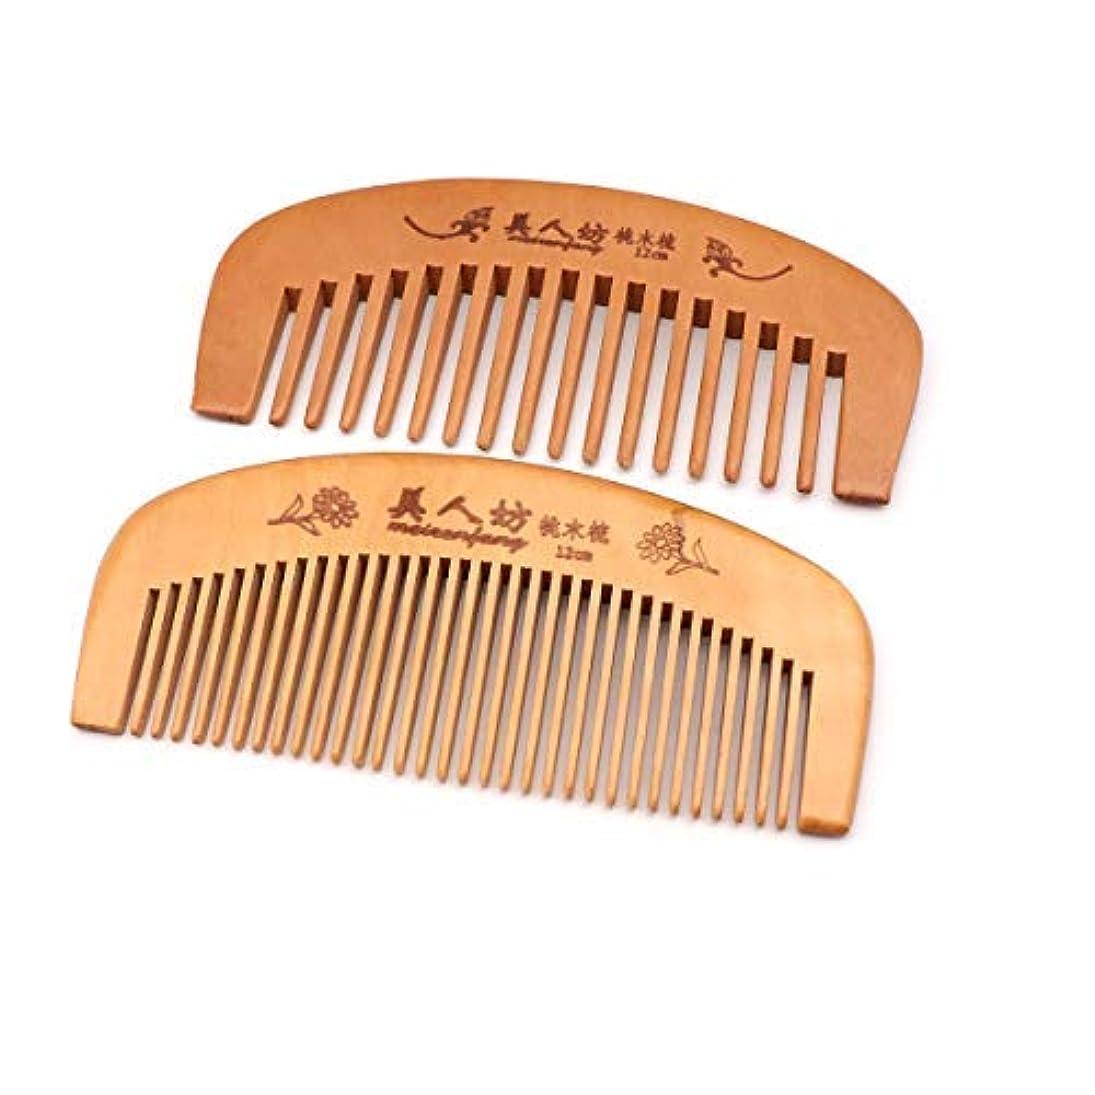 シーボード南方の睡眠Handmade Wooden Hair Comb for Curly Wide Toothed Wooden Comb, anti-Static and Barrier-free Hand Brushing Beard...